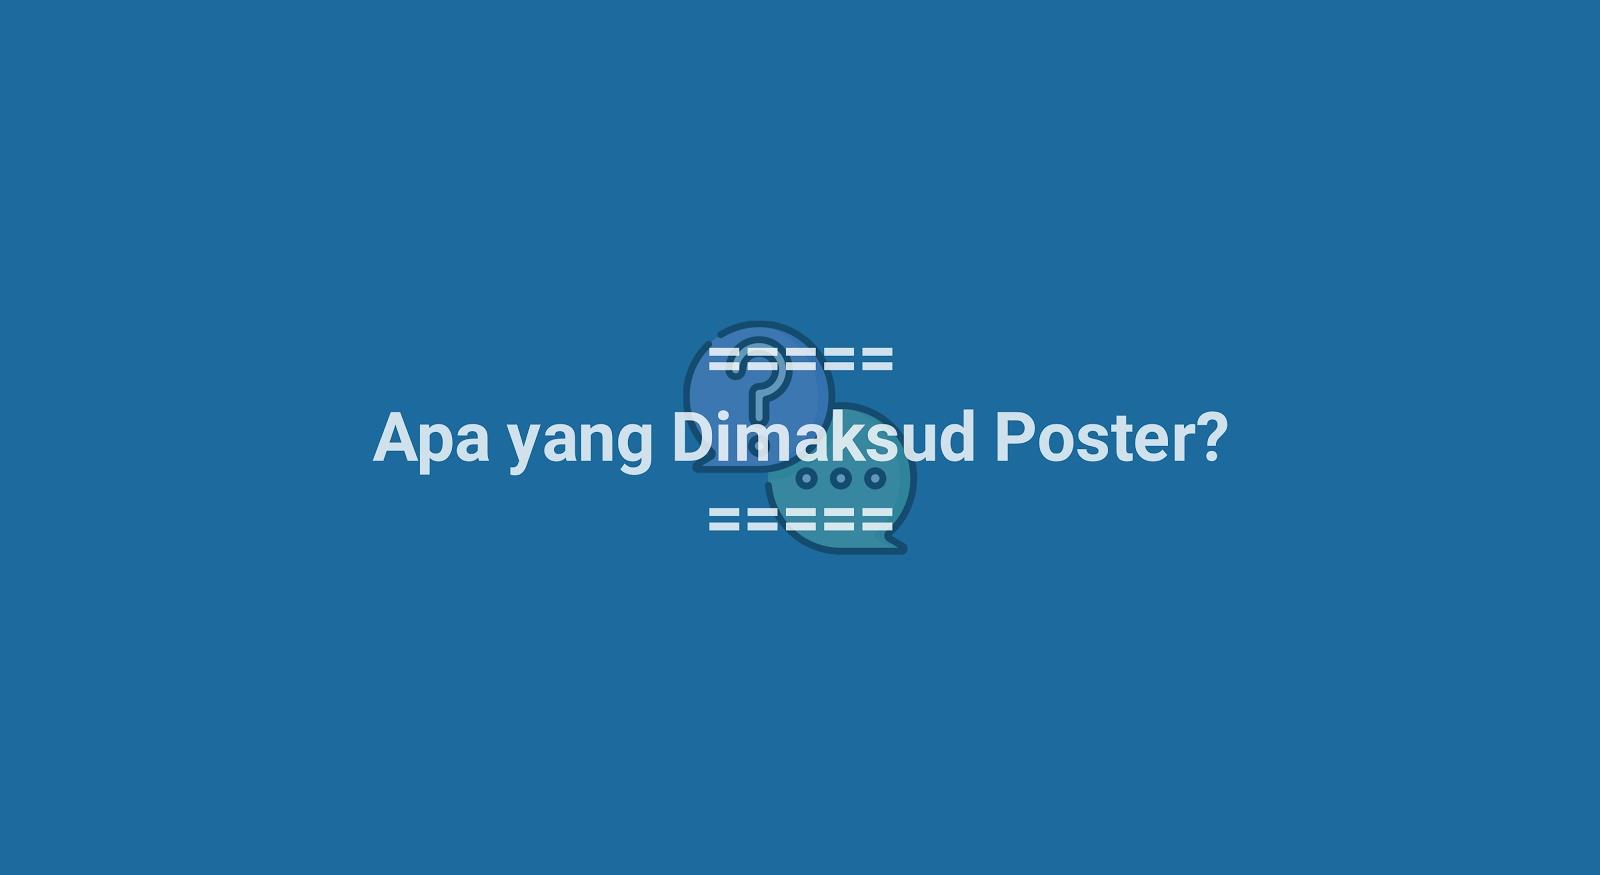 Apa yang Dimaksud Dengan Poster?